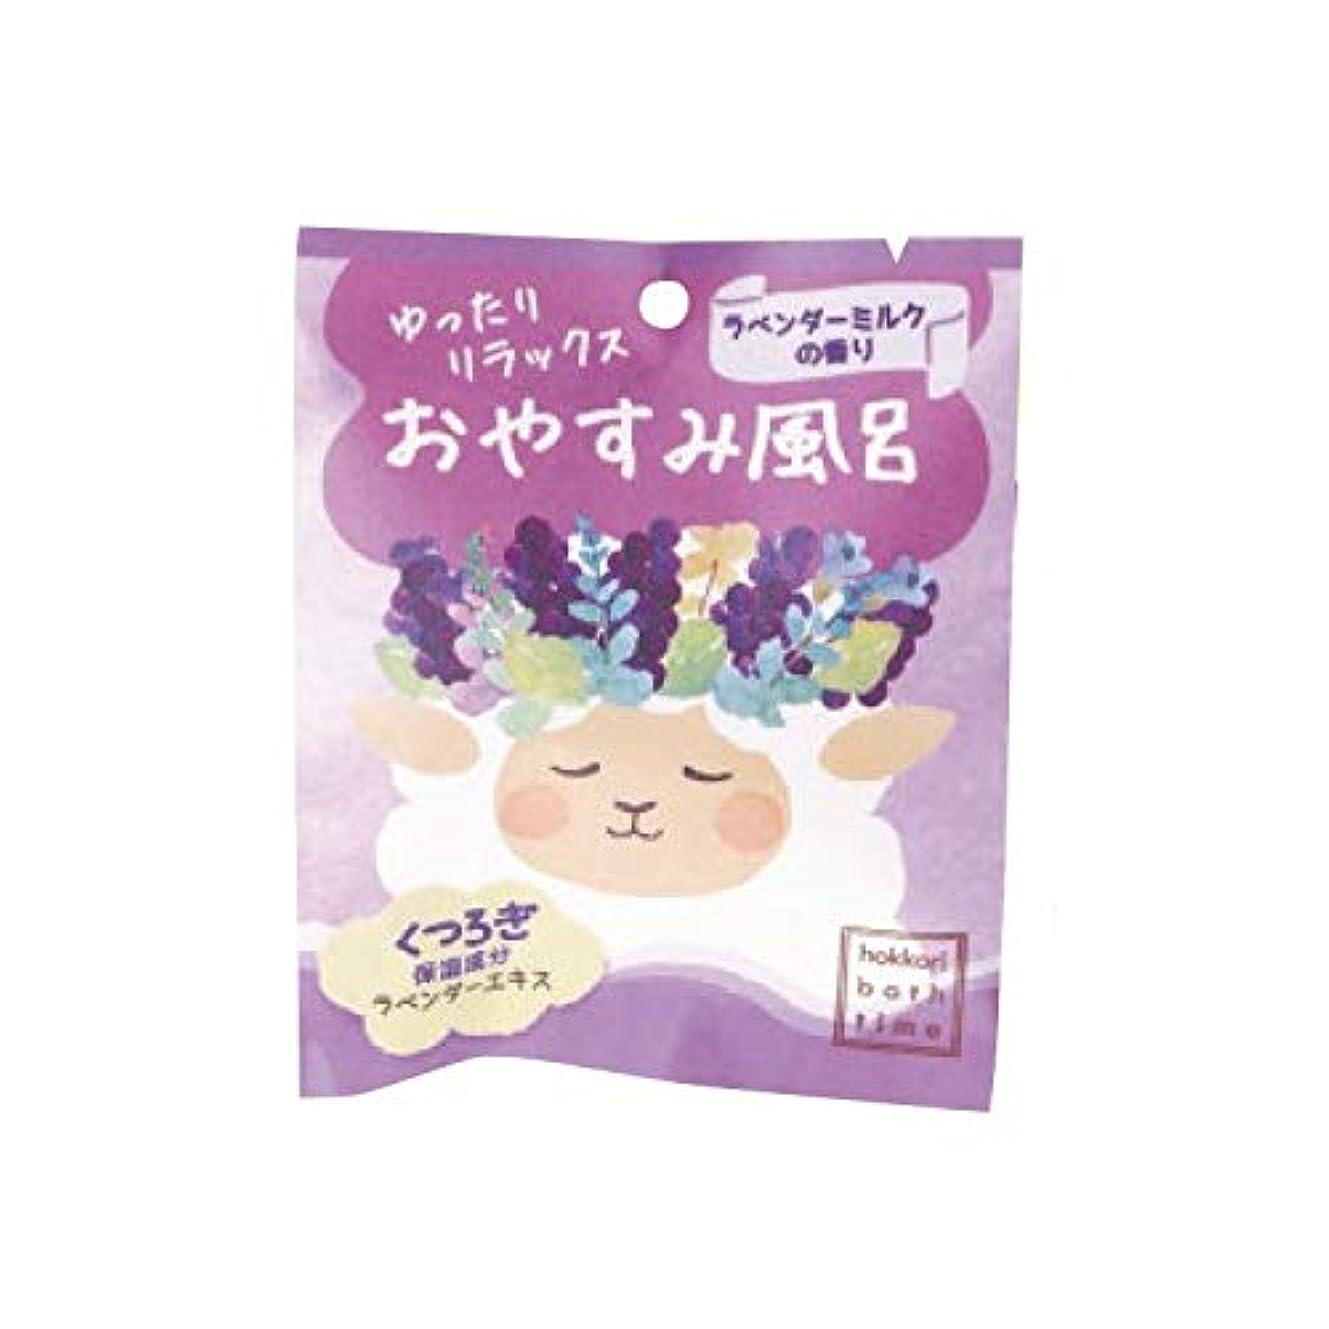 ケージ責めるロッカーほっこりバスタイム おやすみ風呂 ラベンダーミルクの香り OB-HKR-1-3 ノルコーポレーション